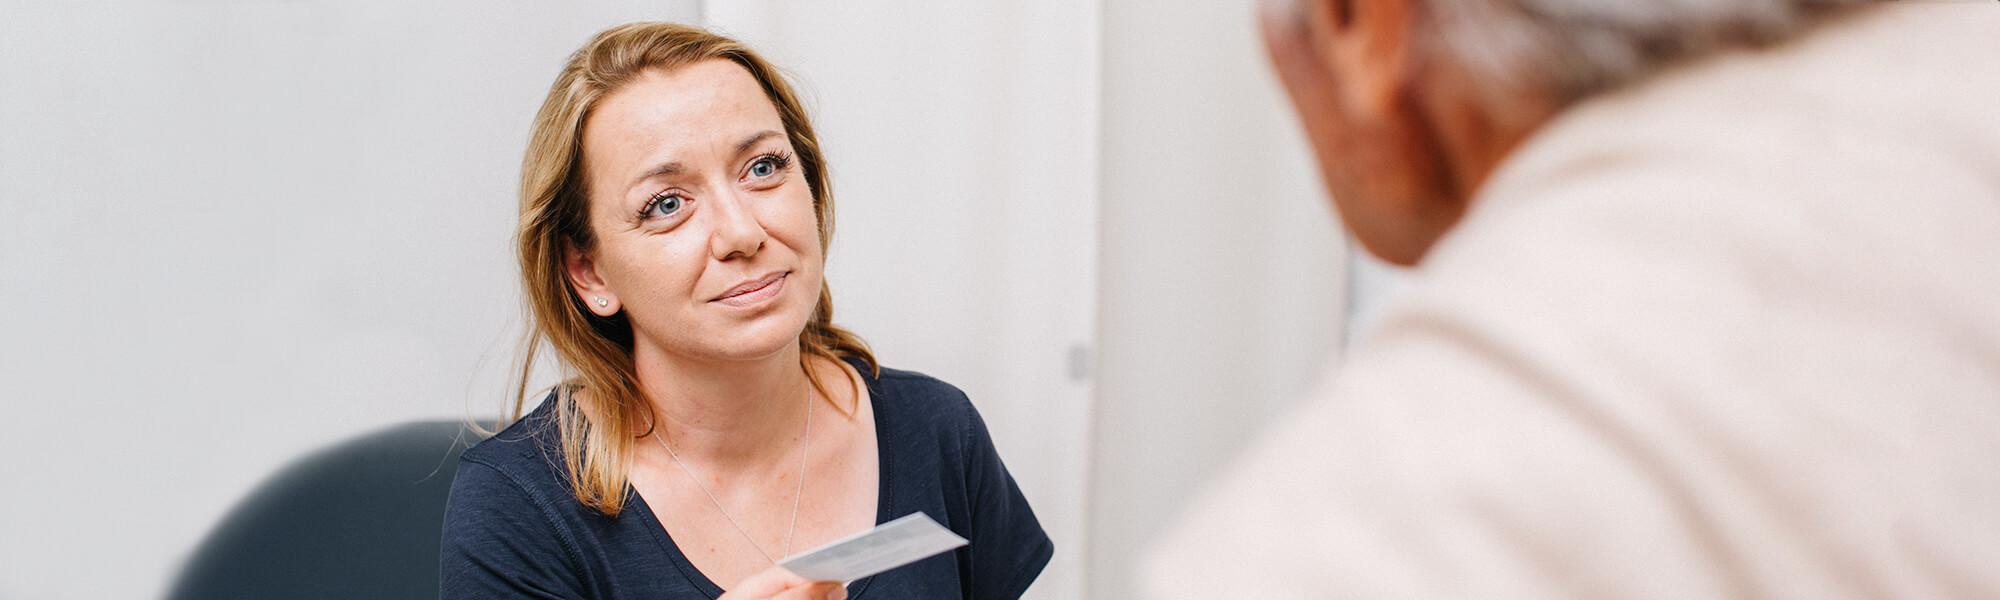 Hausarzt Partenkirchen - Dr. Kainz - Kontakt Slider